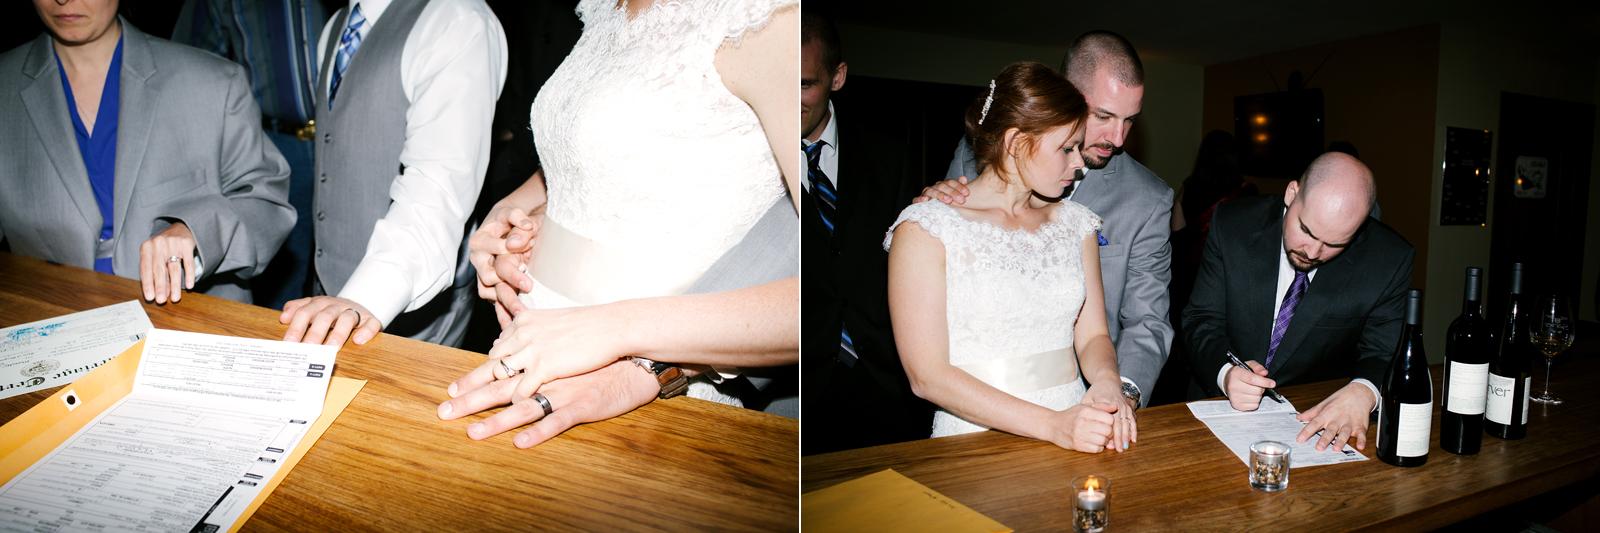 085-daronjackson-rich-wedding.jpg